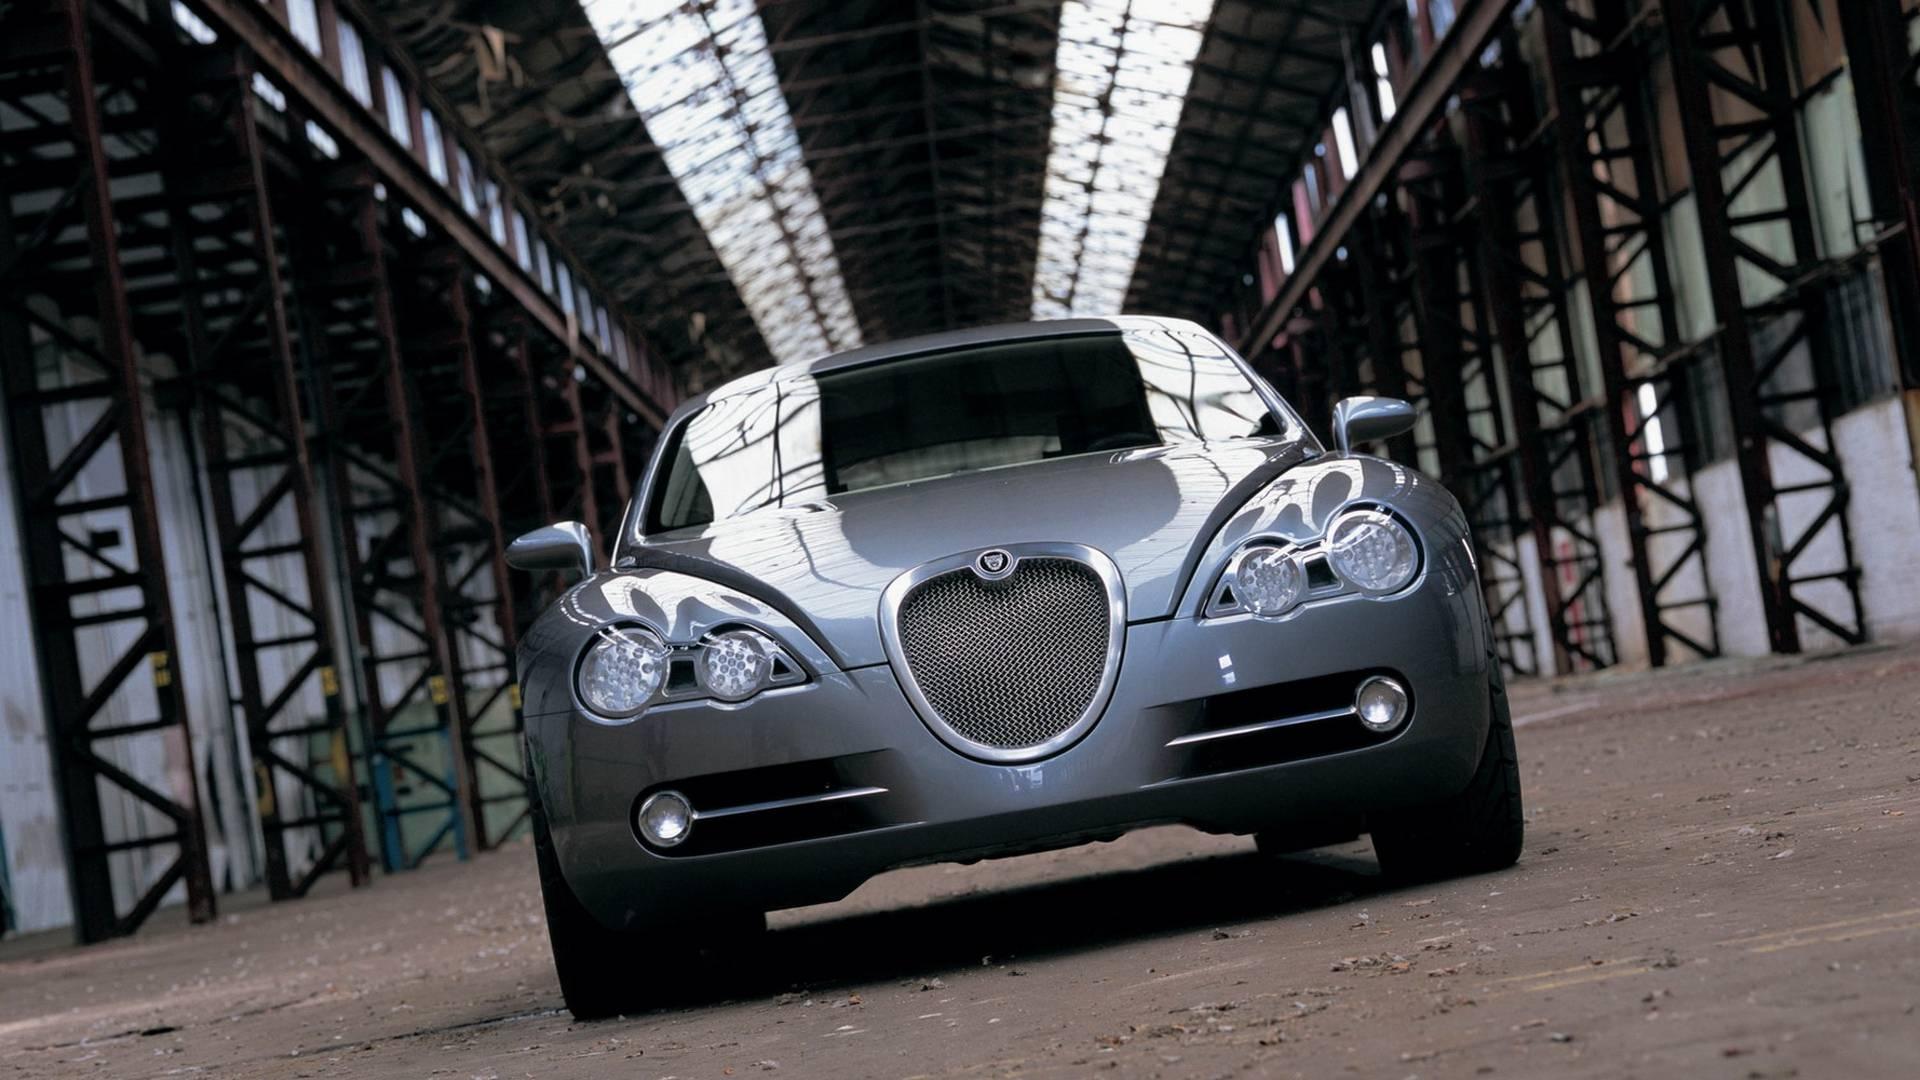 2003-jaguar-r-d6-concept